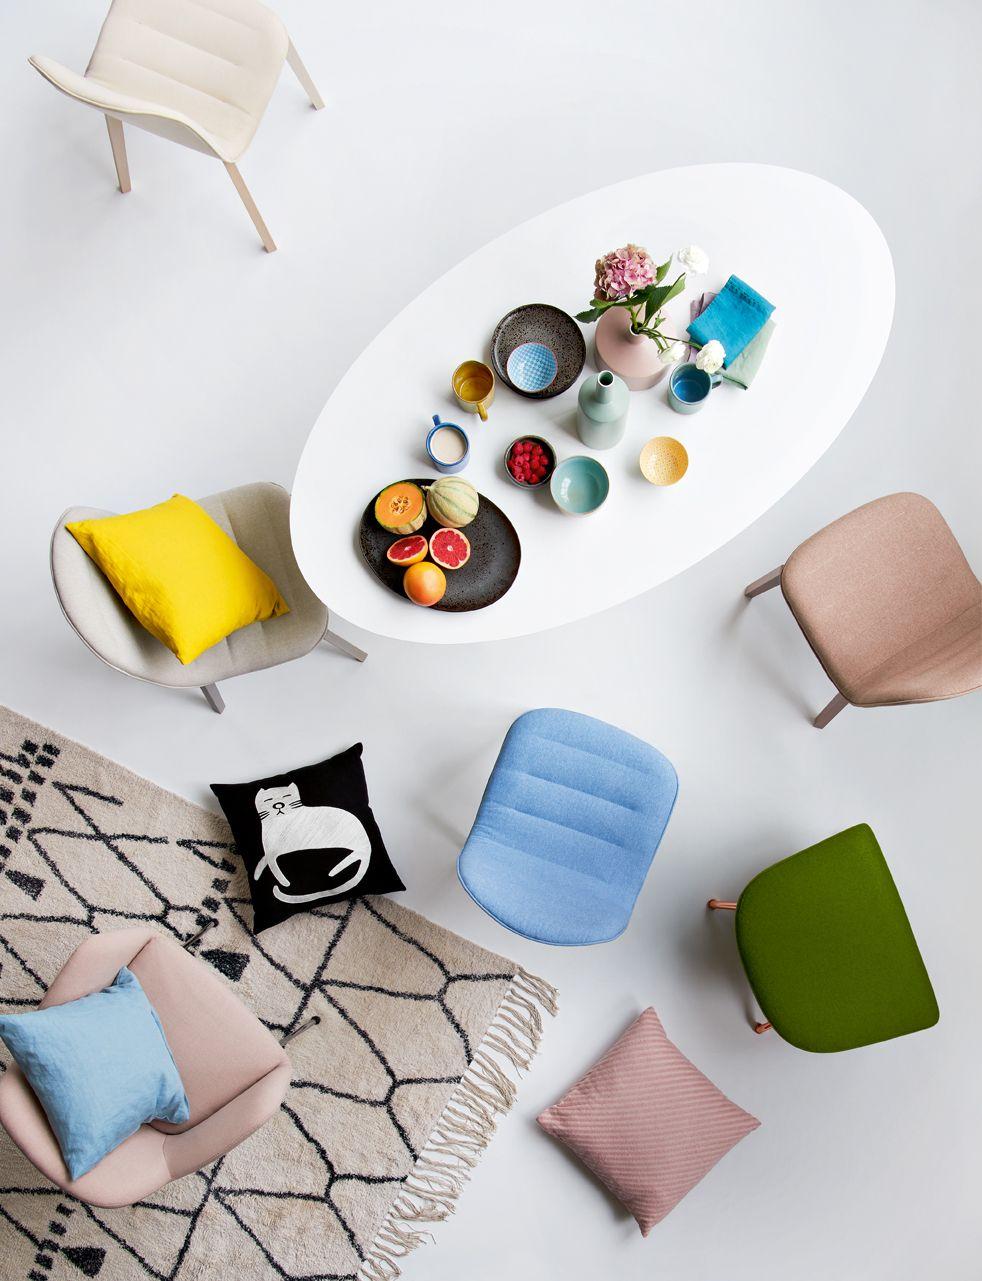 Dieser Fruhling Bluht Mit Stil Interio Fruhling2017 Tisch Stuhle Accessoires Geschirr Design Wohnen Tisch